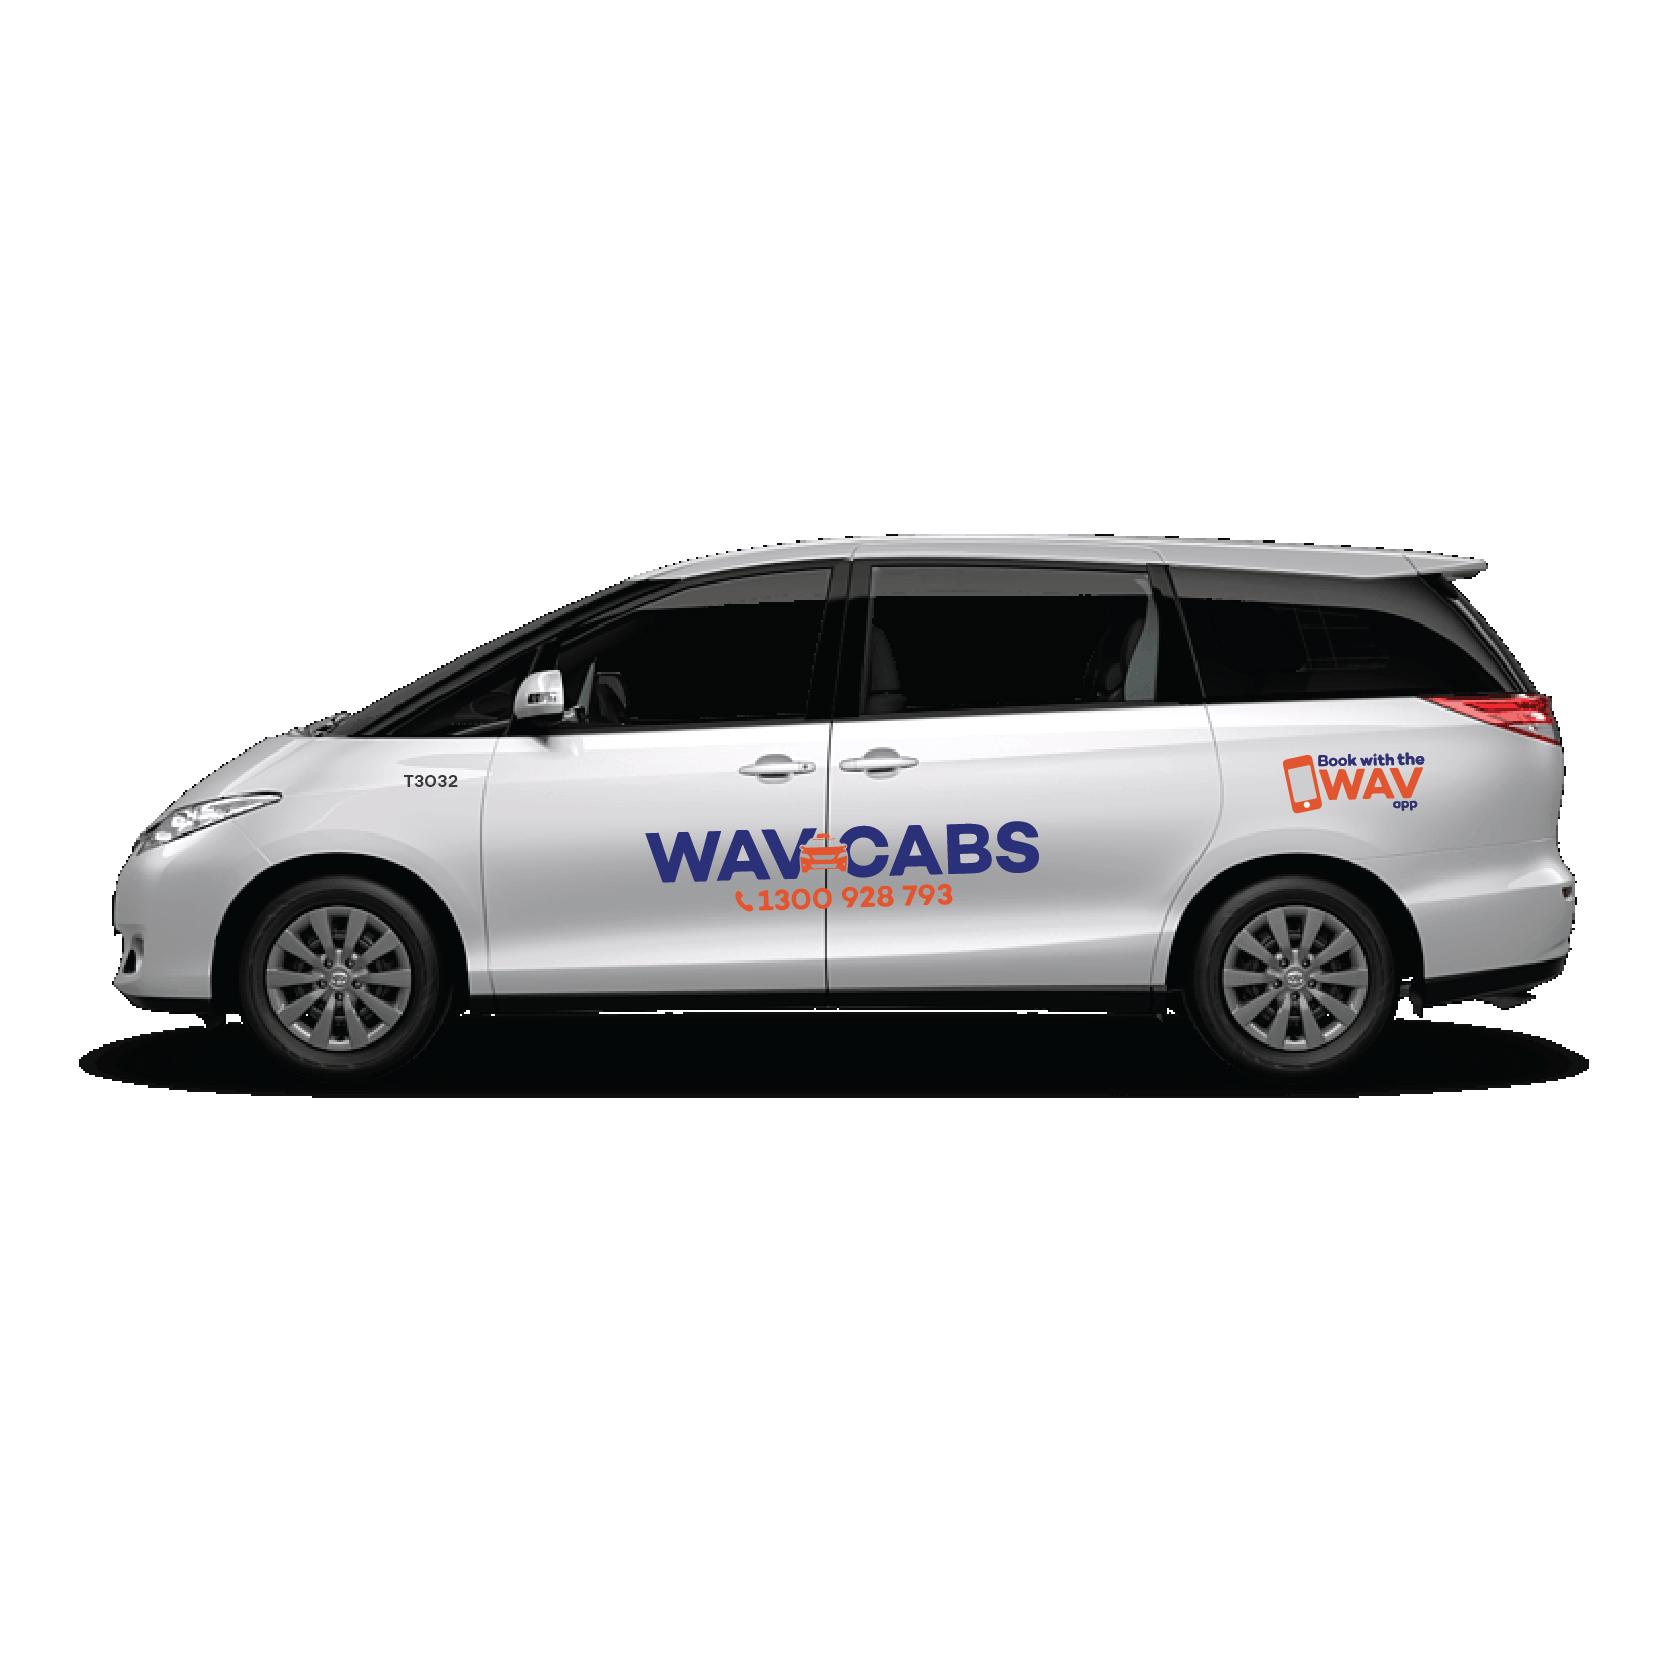 Toyota-Tarago-Maxi-Cab-01